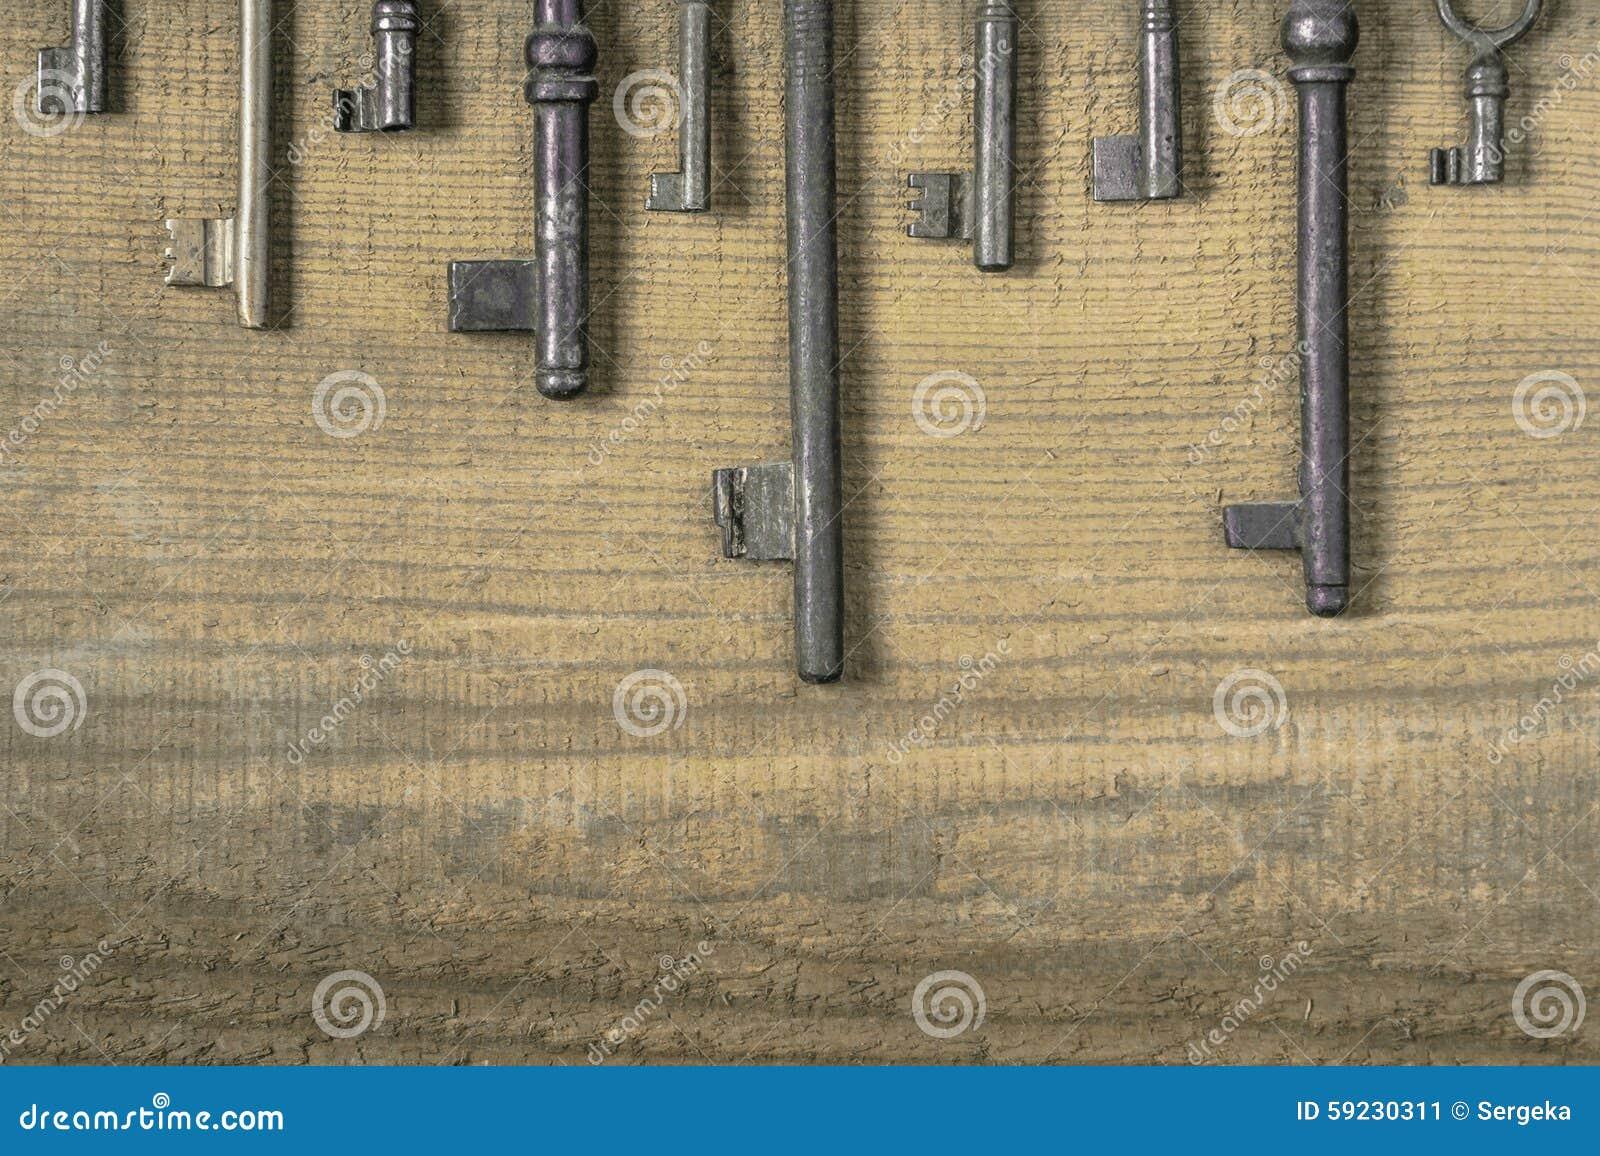 Download Viejos claves imagen de archivo. Imagen de obsoleto, oxidado - 59230311